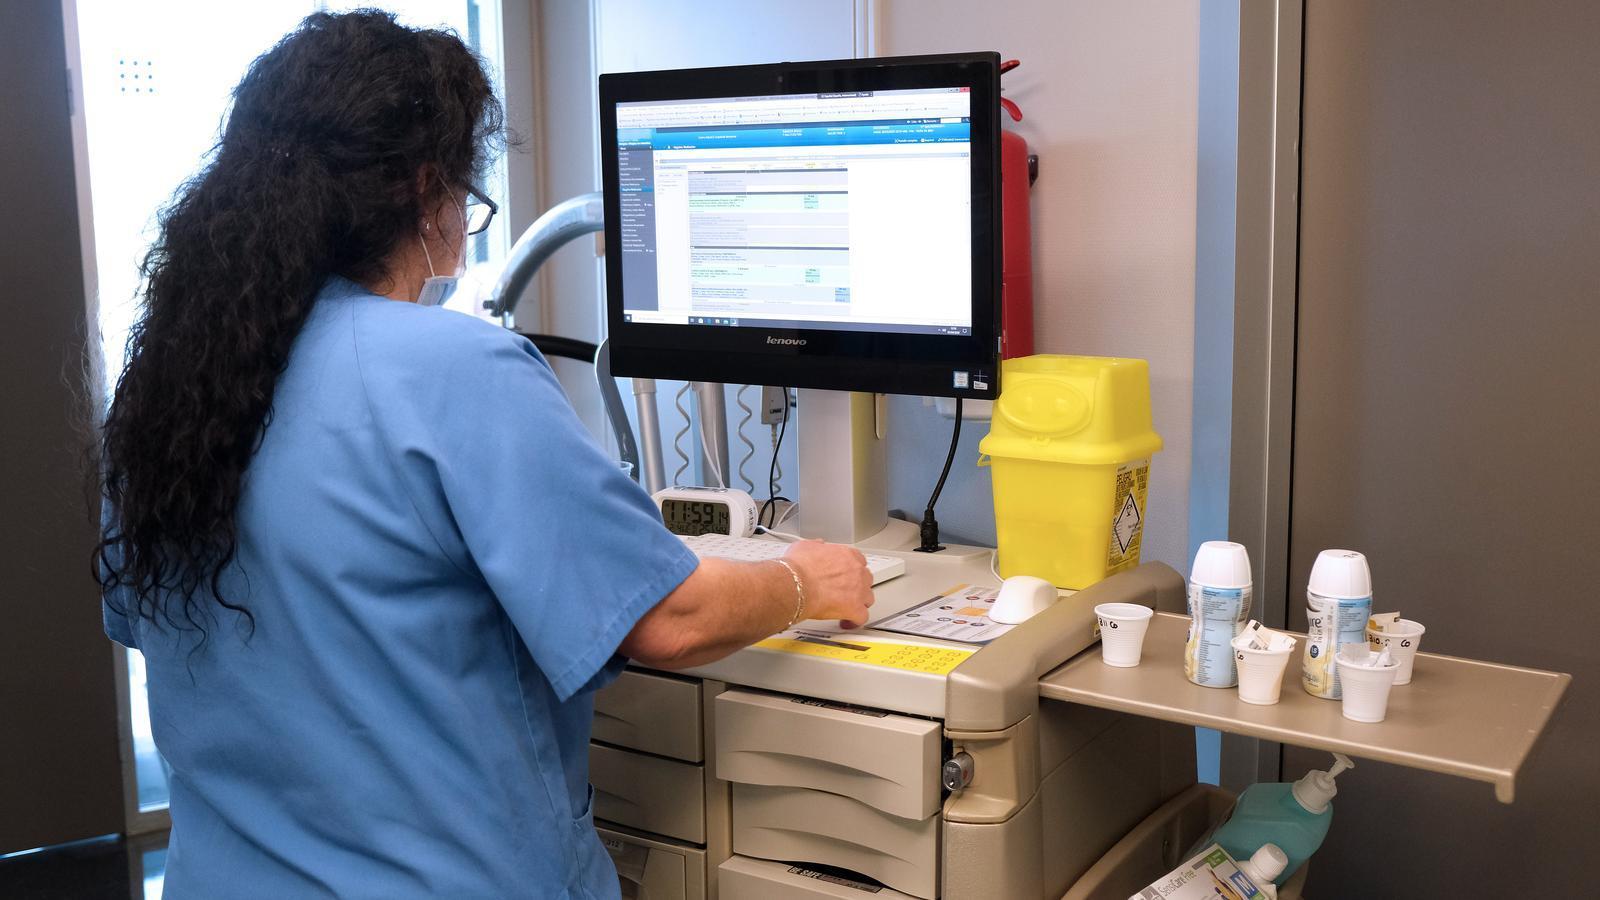 Sanitària que aten pacients amb Covid-19 a Son Espases